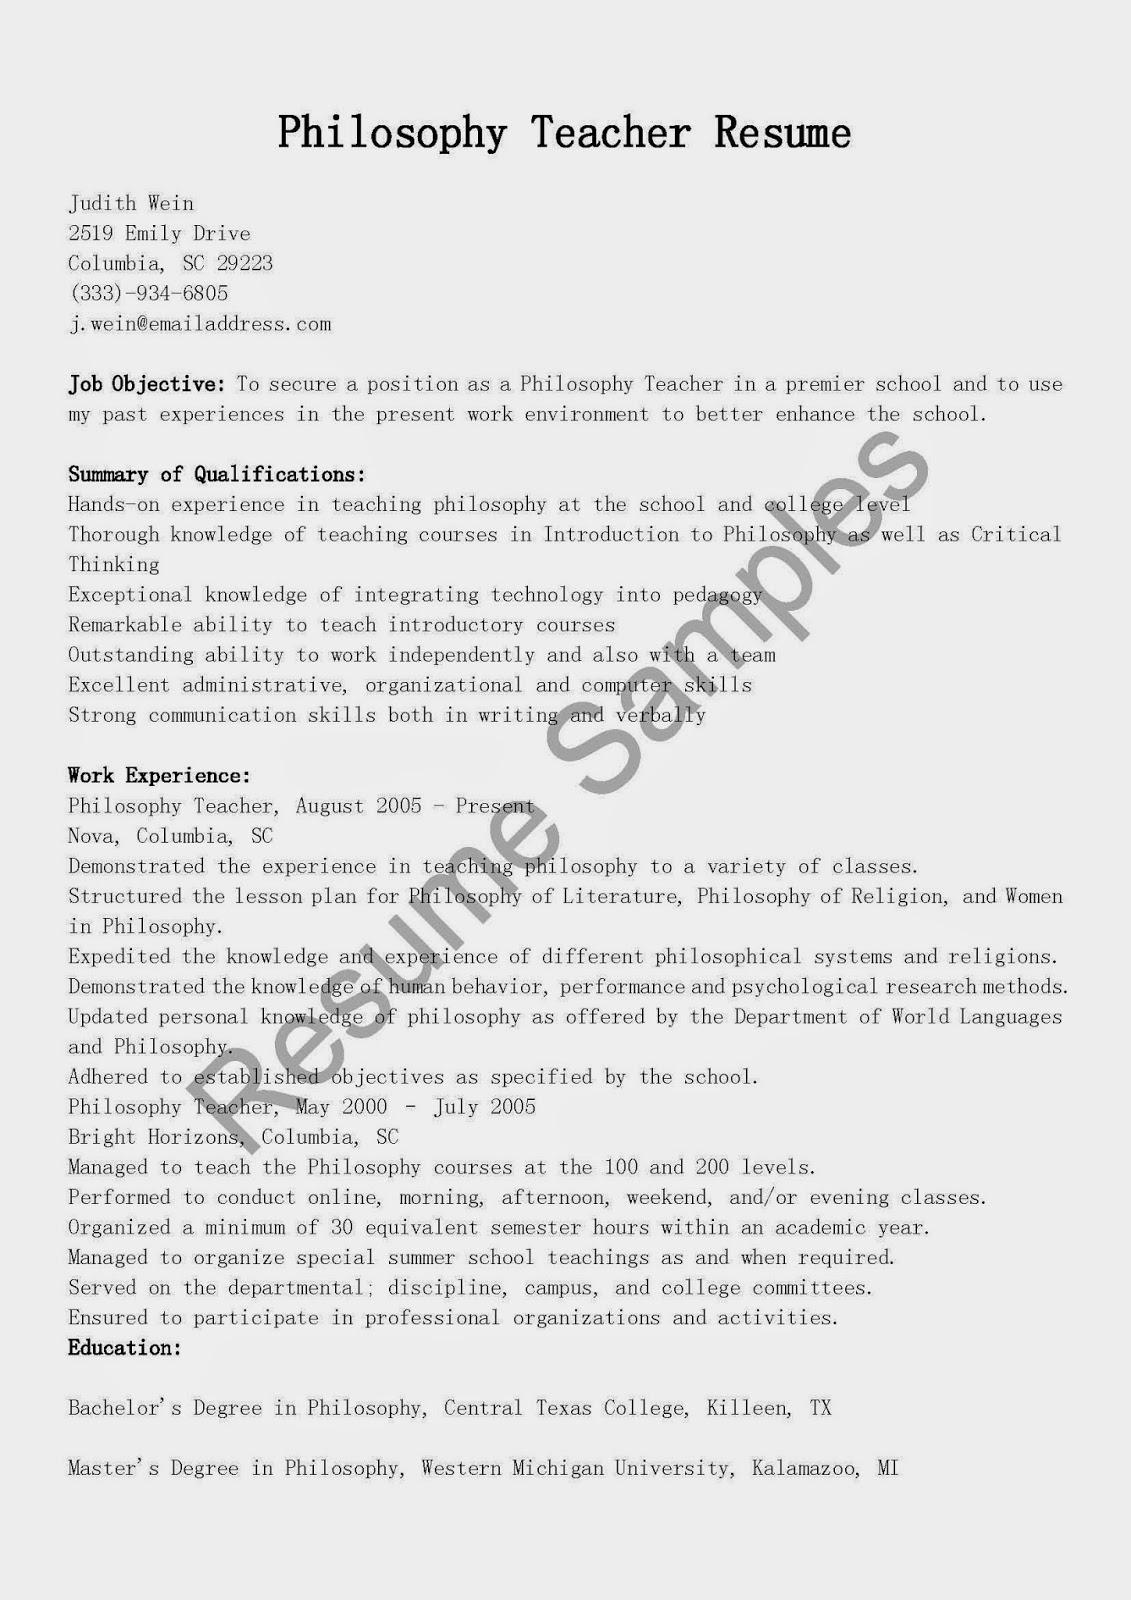 resume samples  philosophy teacher resume sample